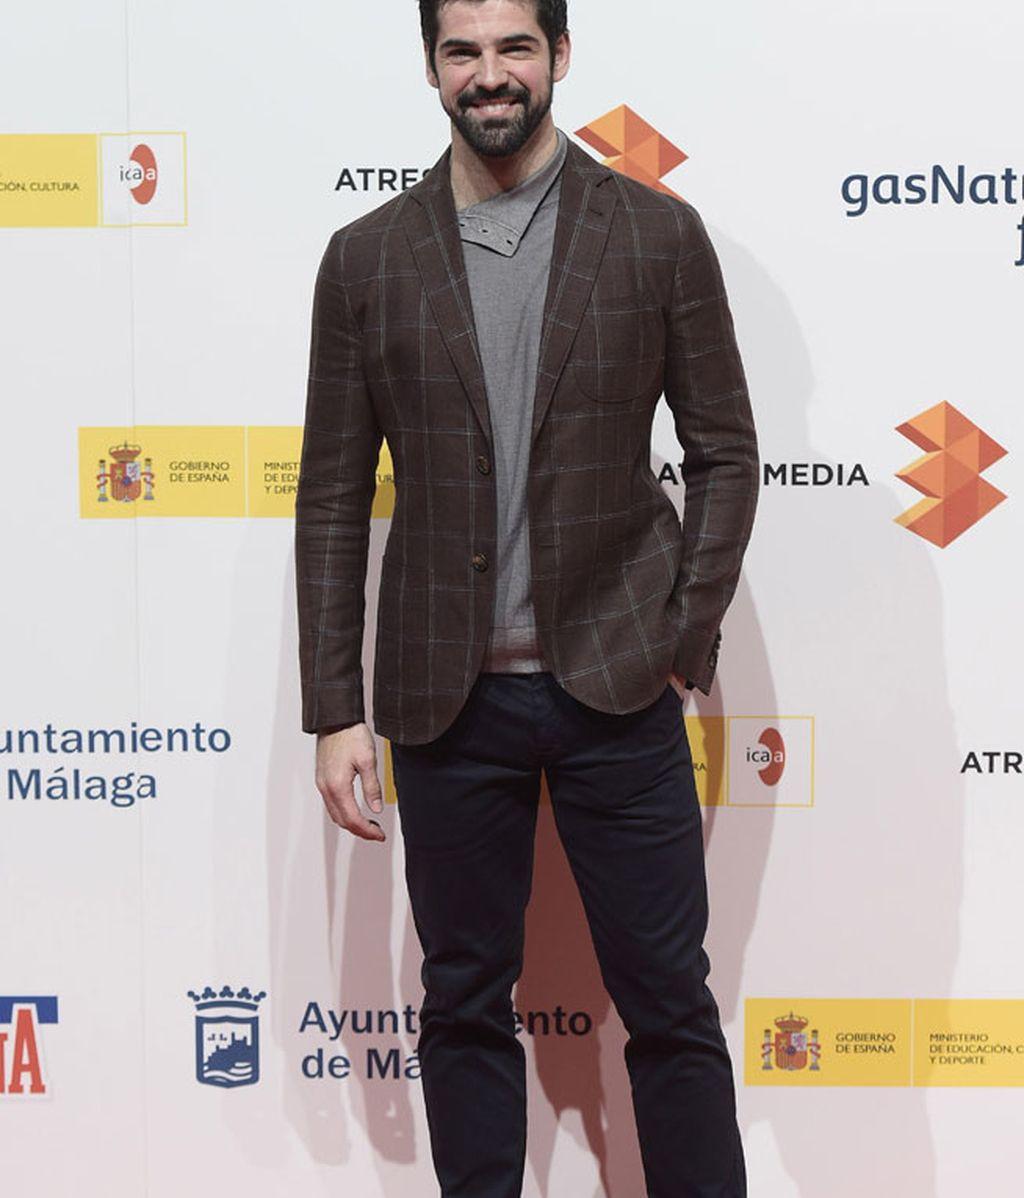 El actor de 'Hablar', Miguel Ángel Muñoz, con americana de cuadros